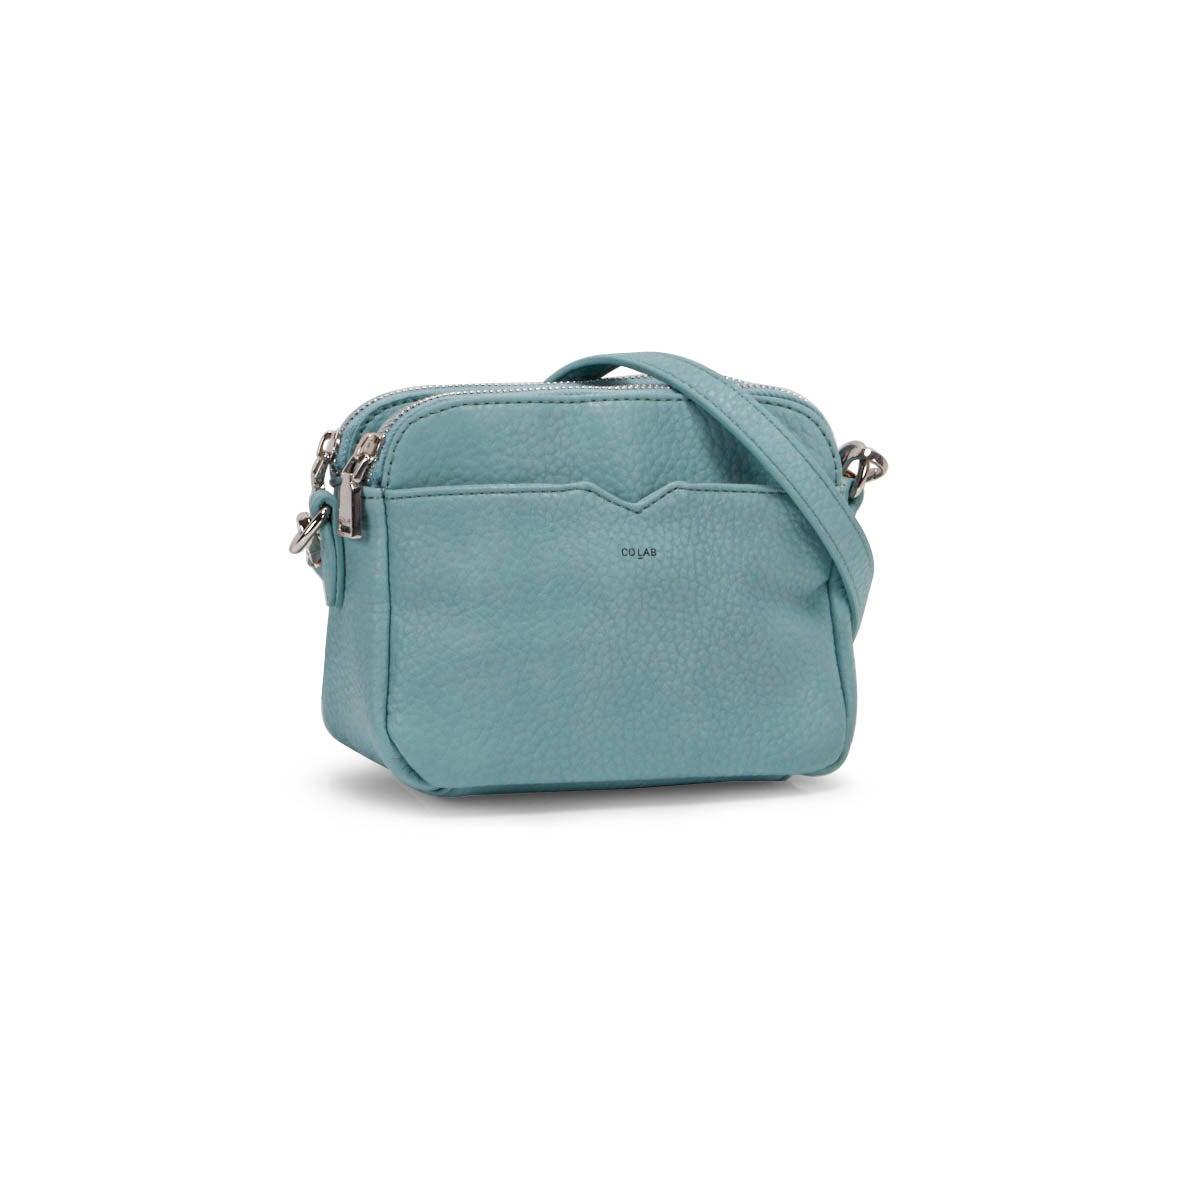 Lds aqua double crossbody bag